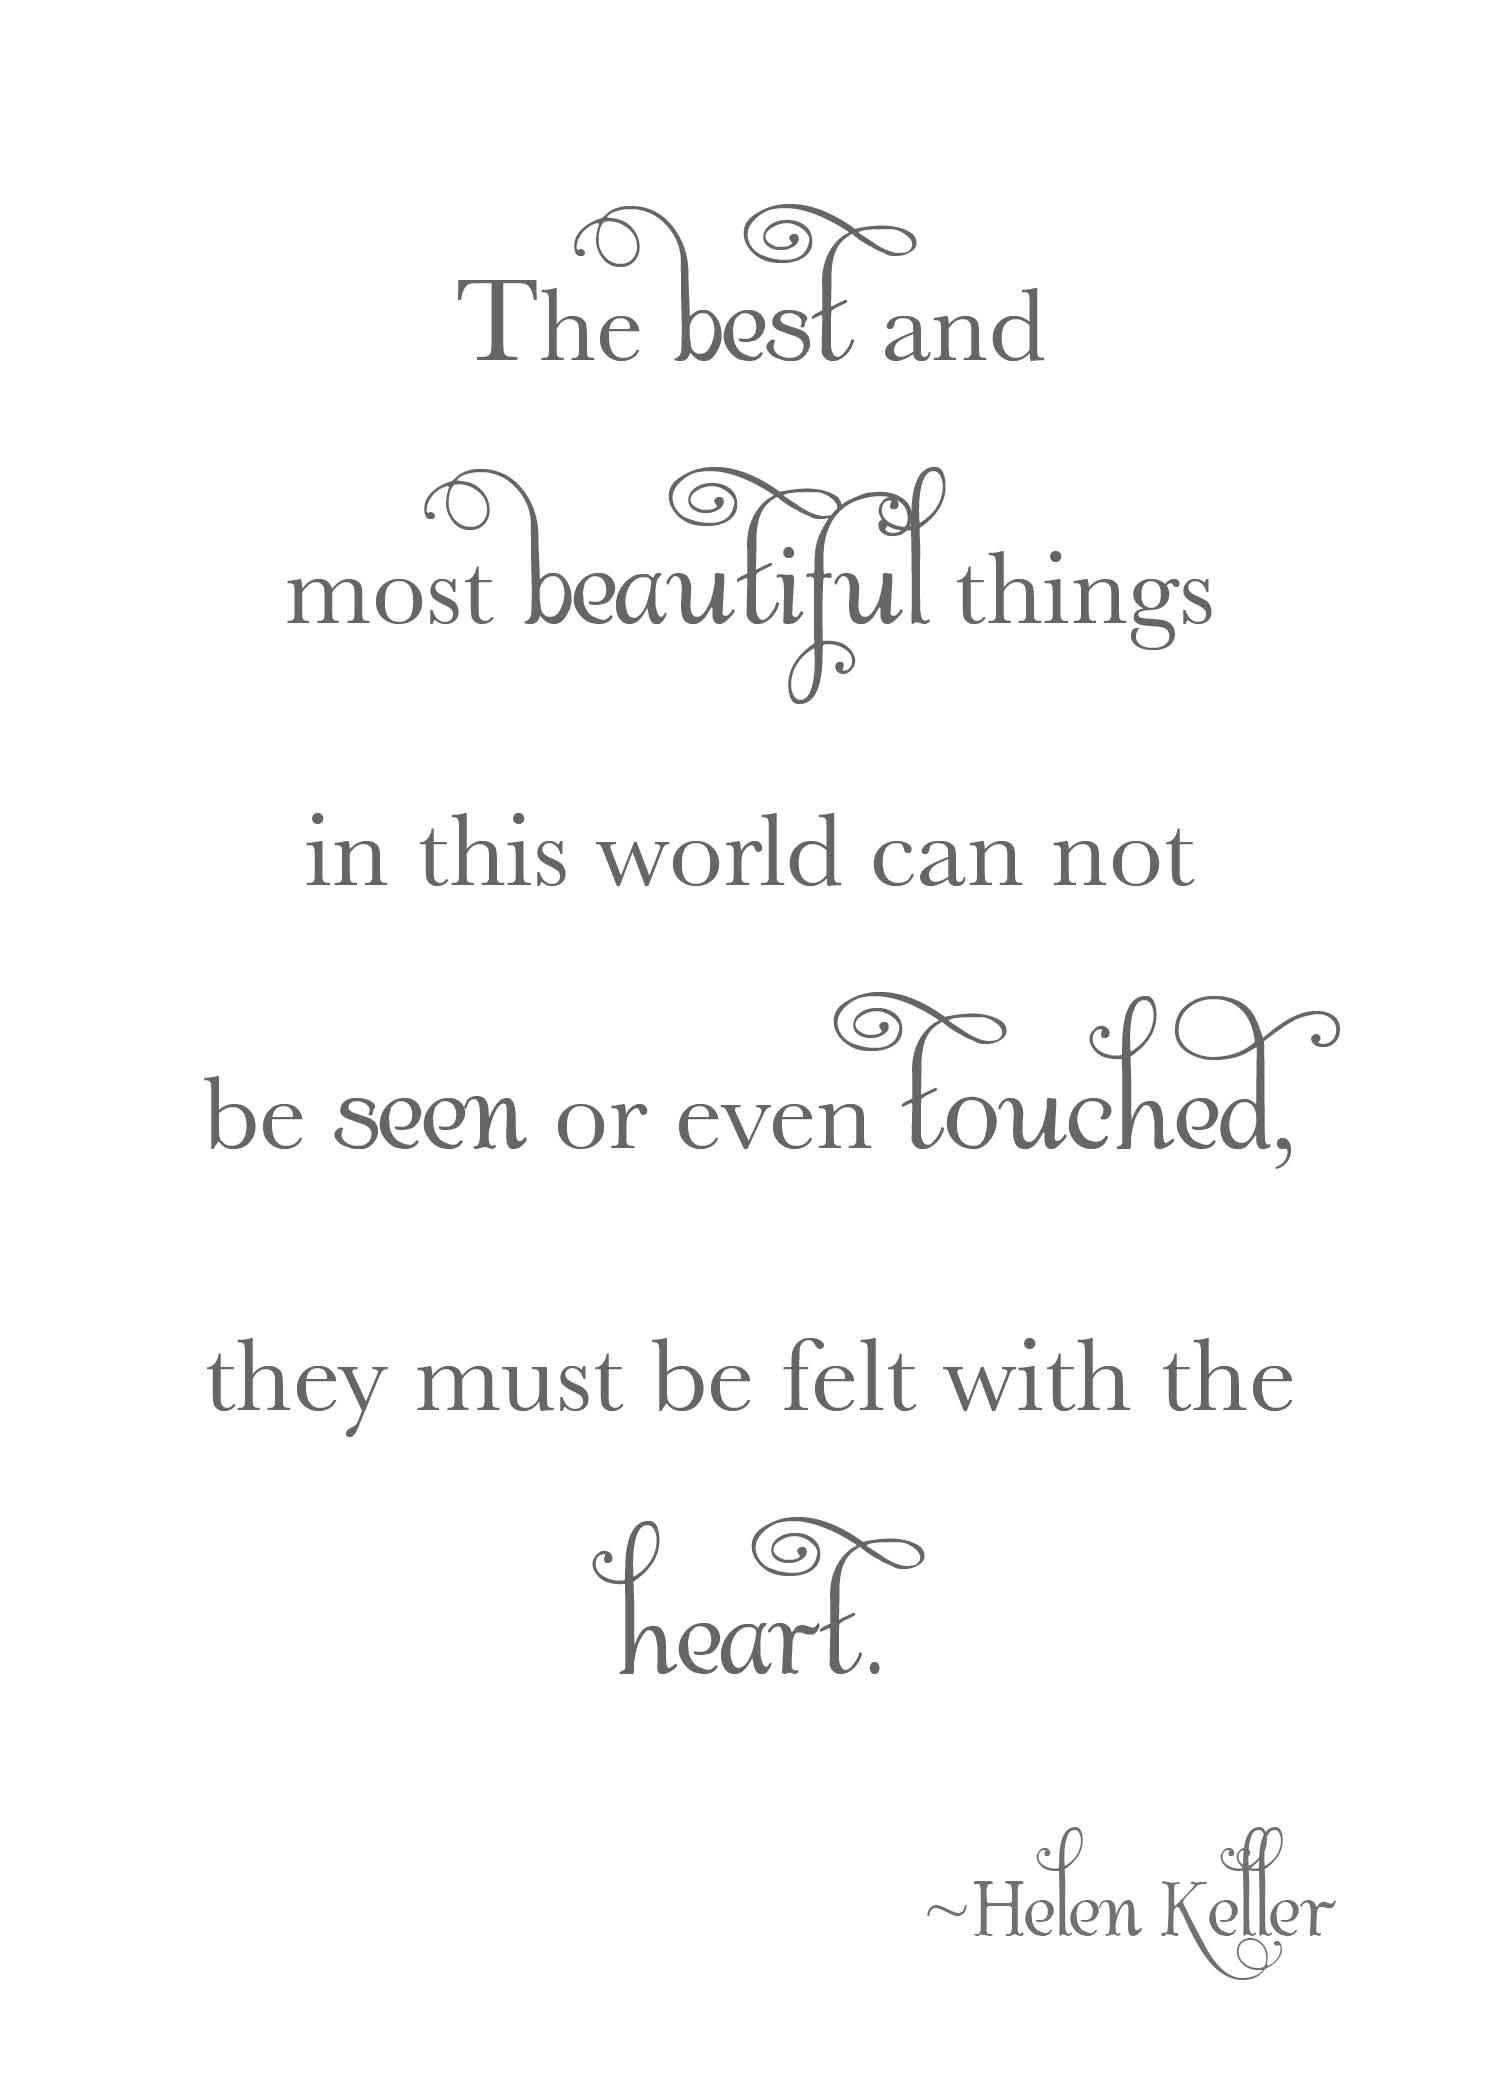 Helen Keller's quote #5